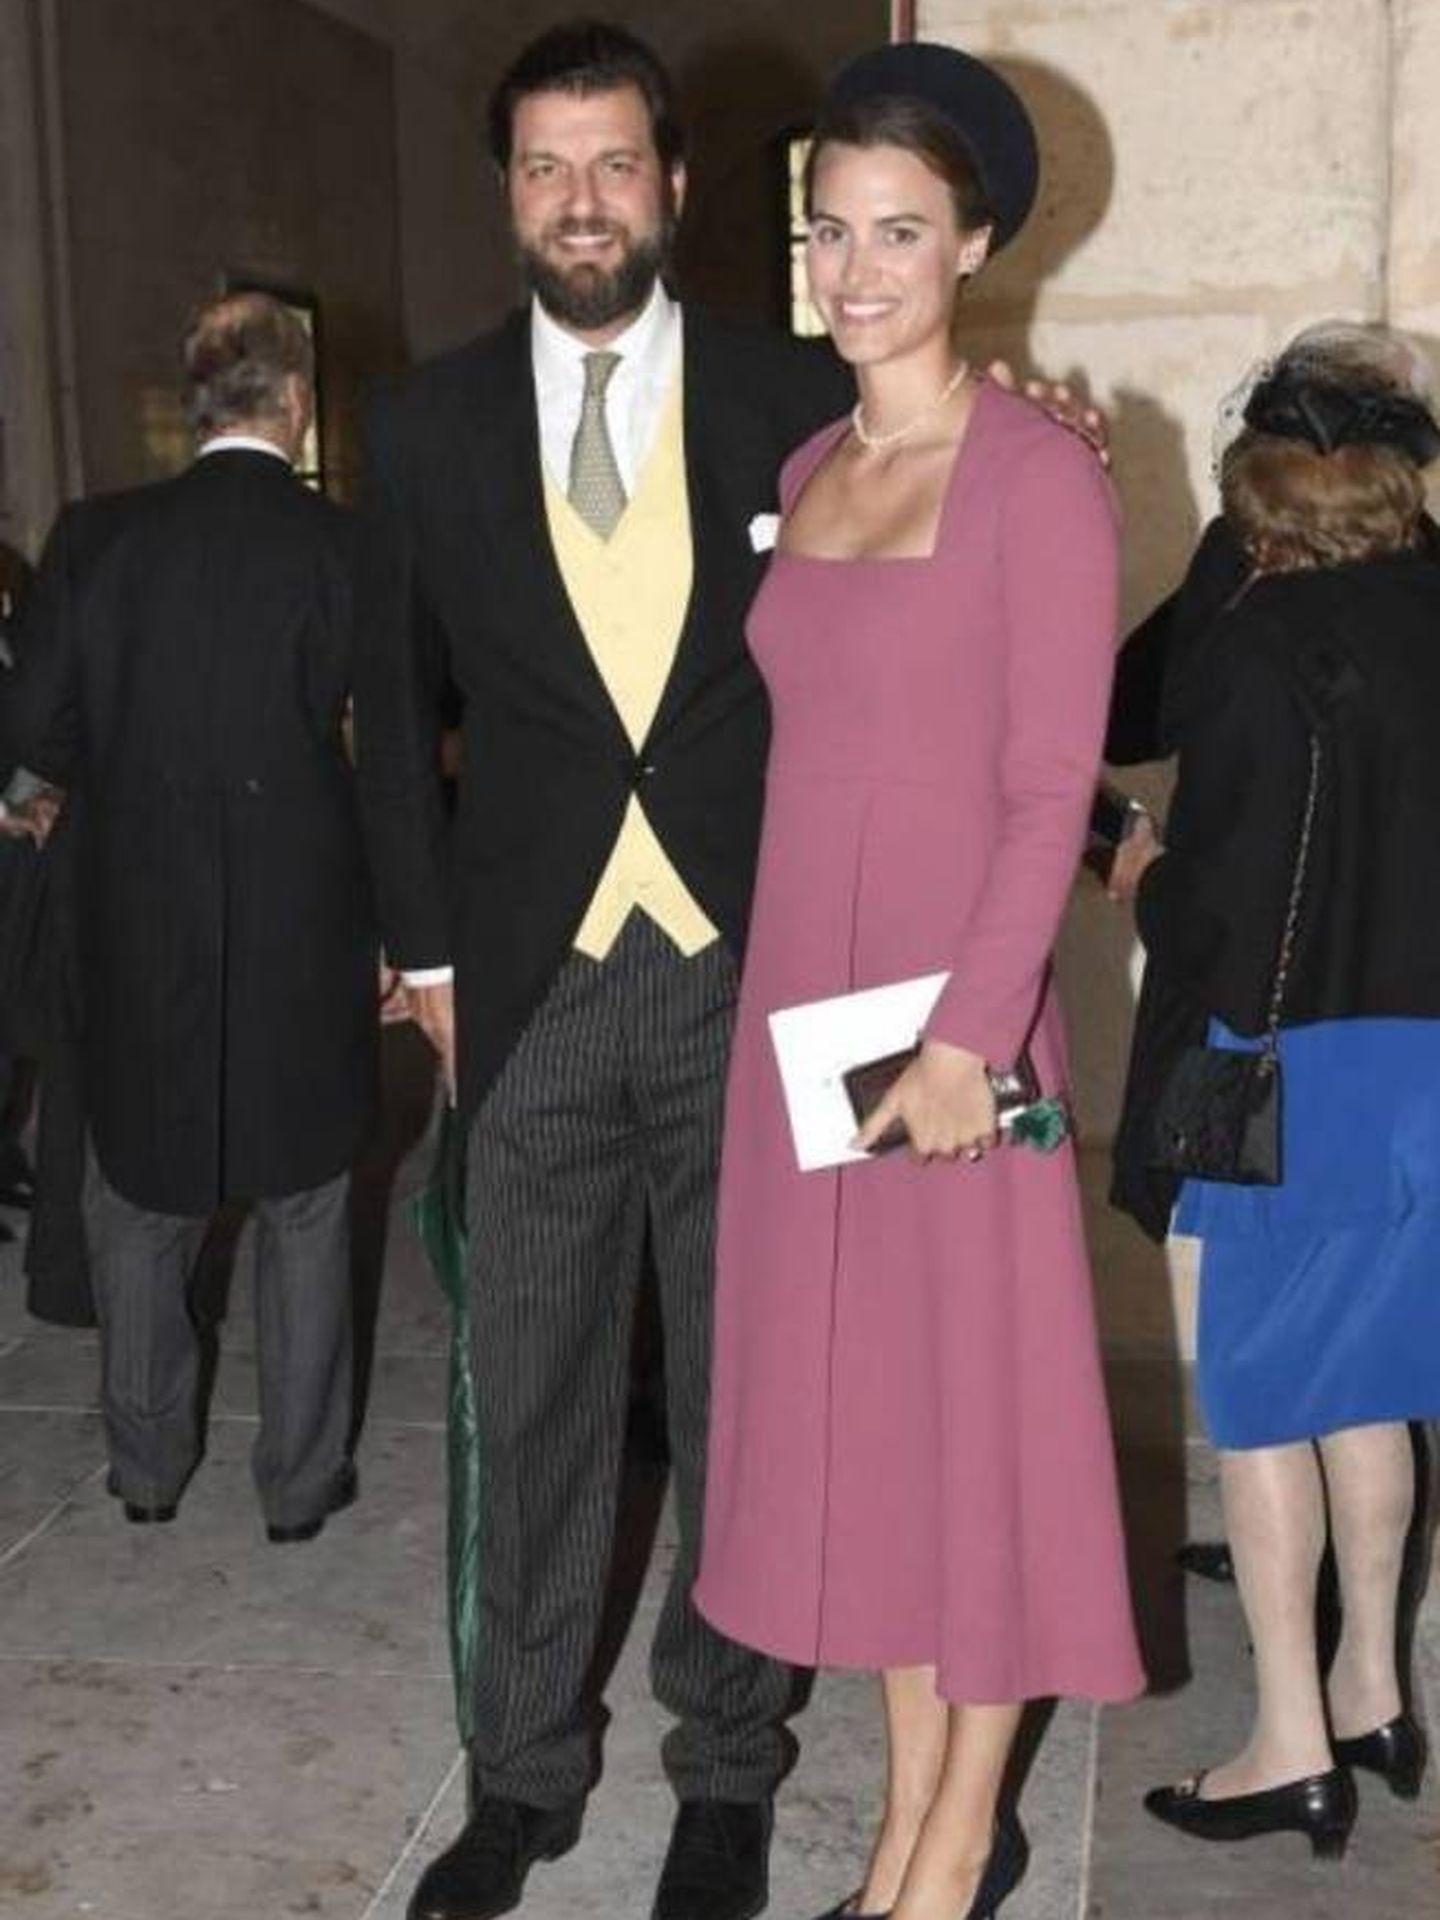 Casimir y Alana Bunte, en una imagen de archivo. (Cordon Press)